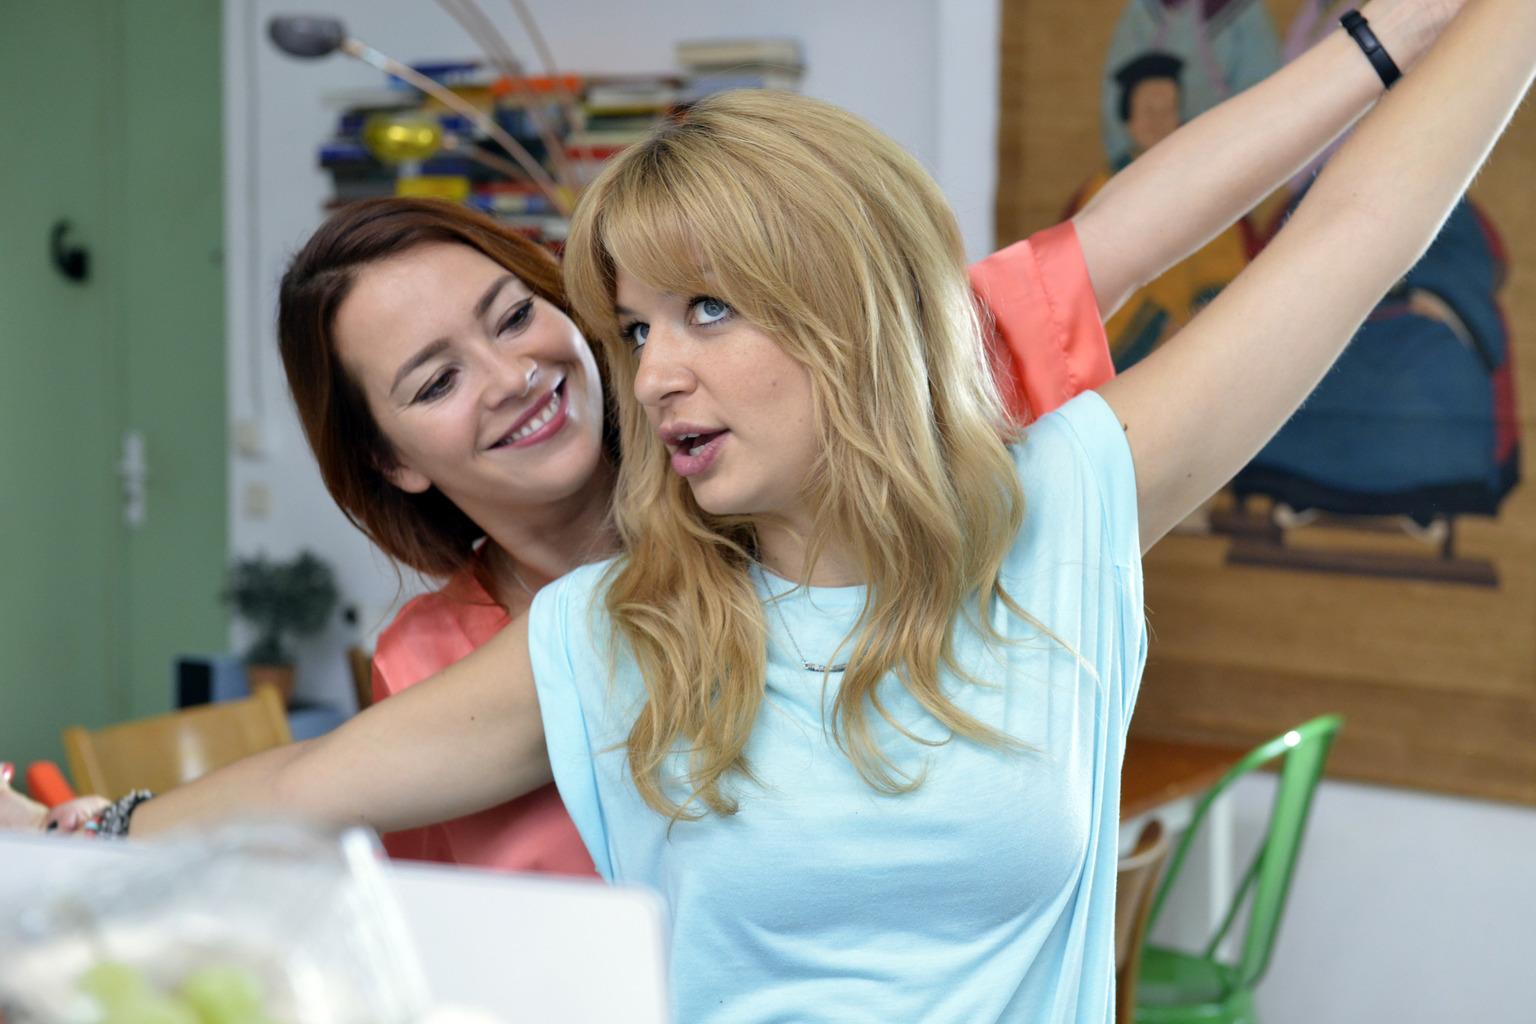 Sally (Laura Osswald, l.) bestärkt Mila (Susan Sideropoulos, r.) darin, auf Dating-Portalen nach ihrem Traummann zu suchen. Eine gute Idee? (Quelle: Sat1)